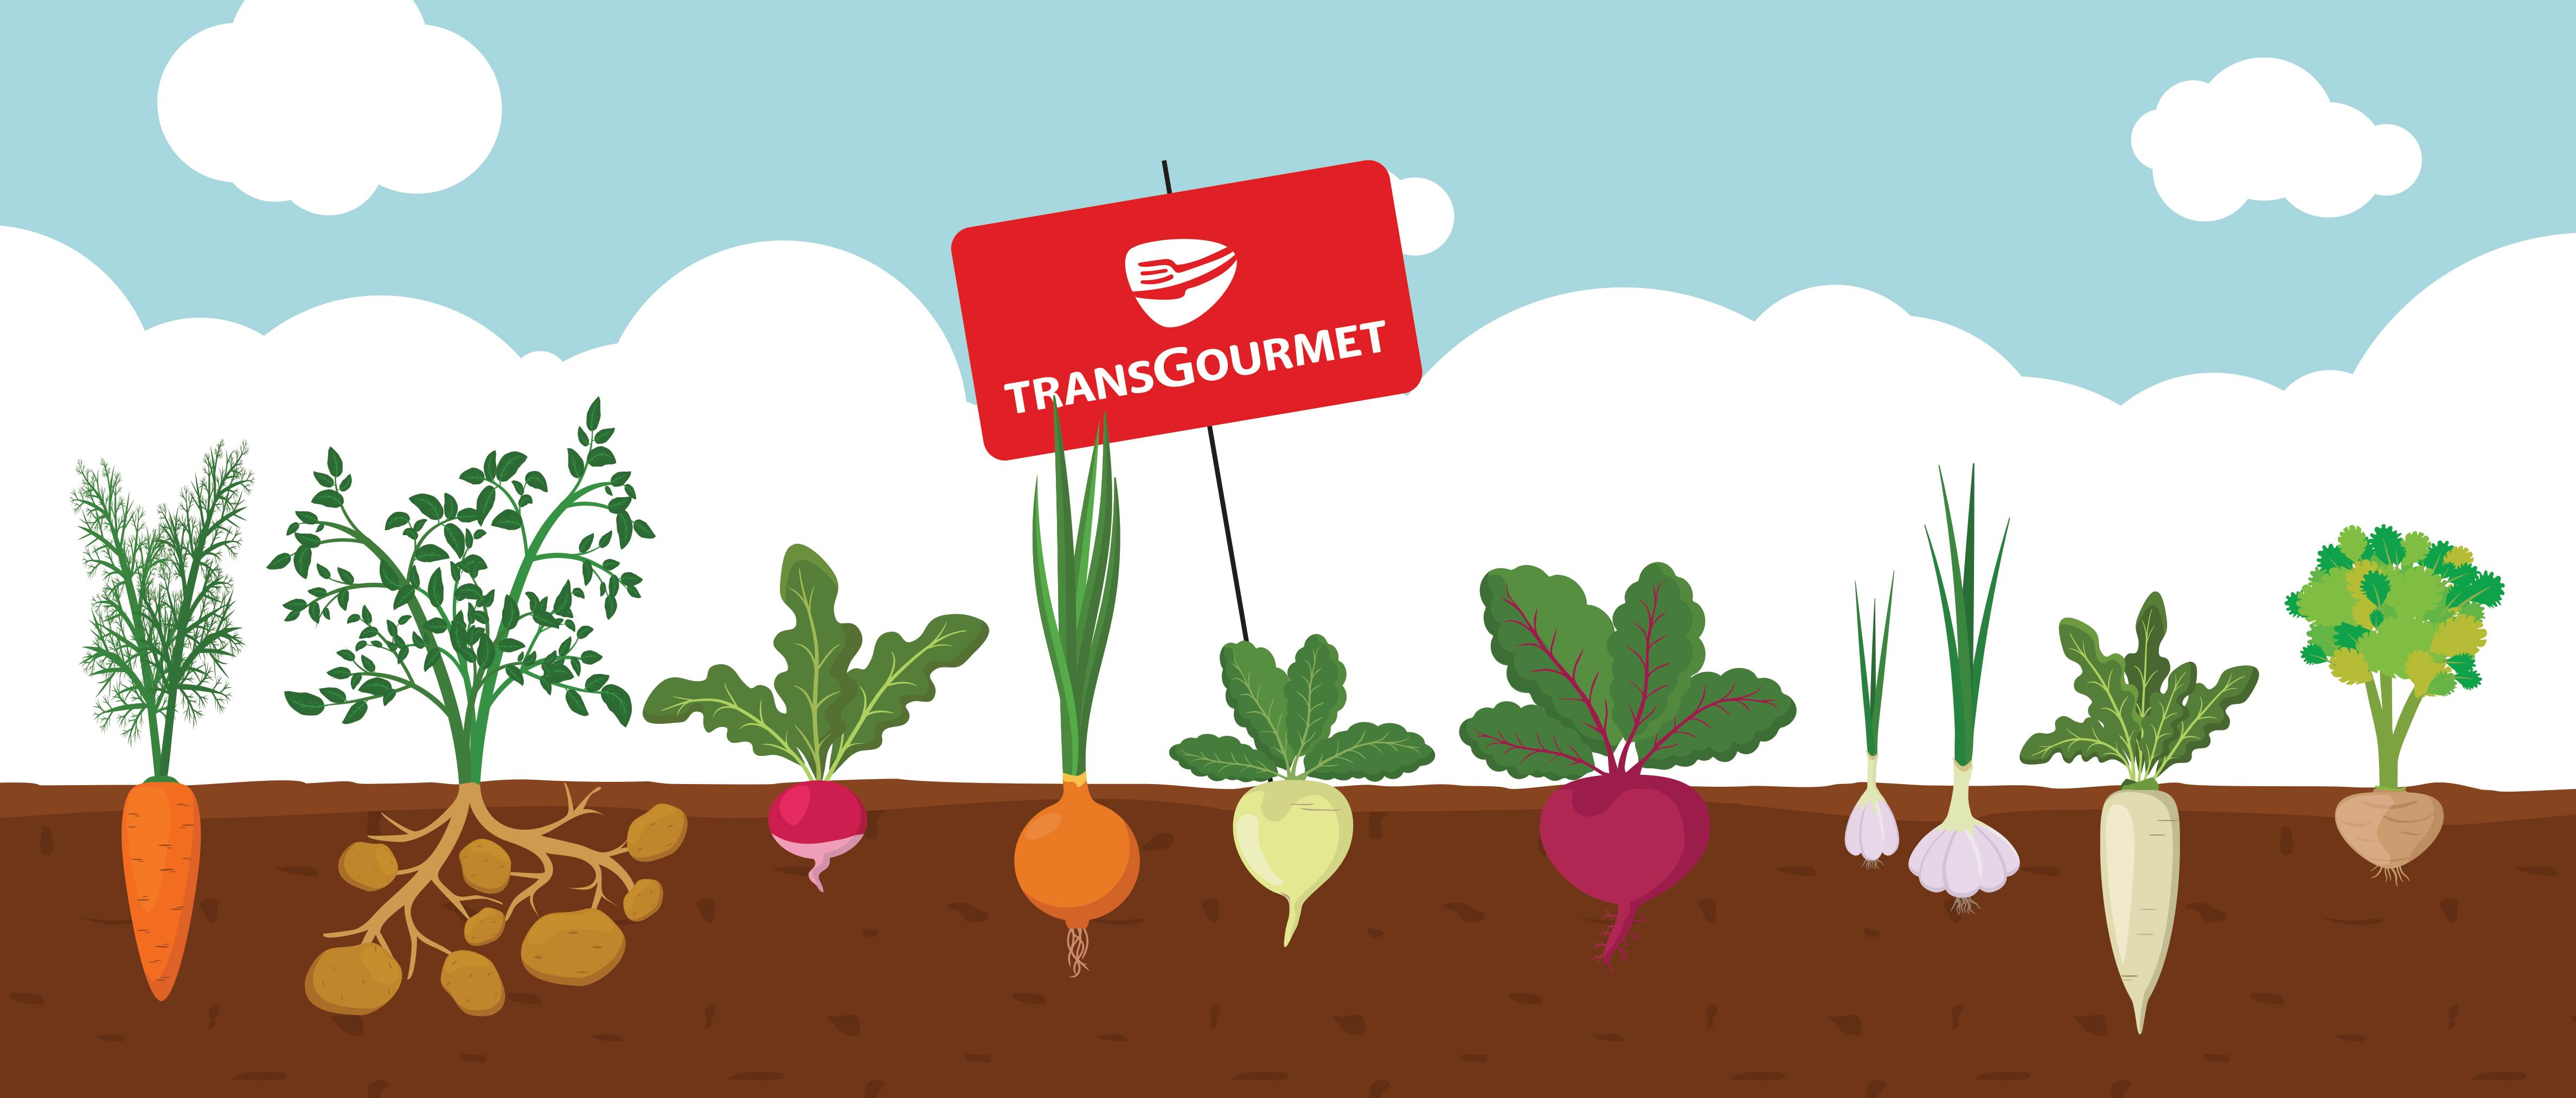 À Coulommiers, Transgourmet a la main verte !